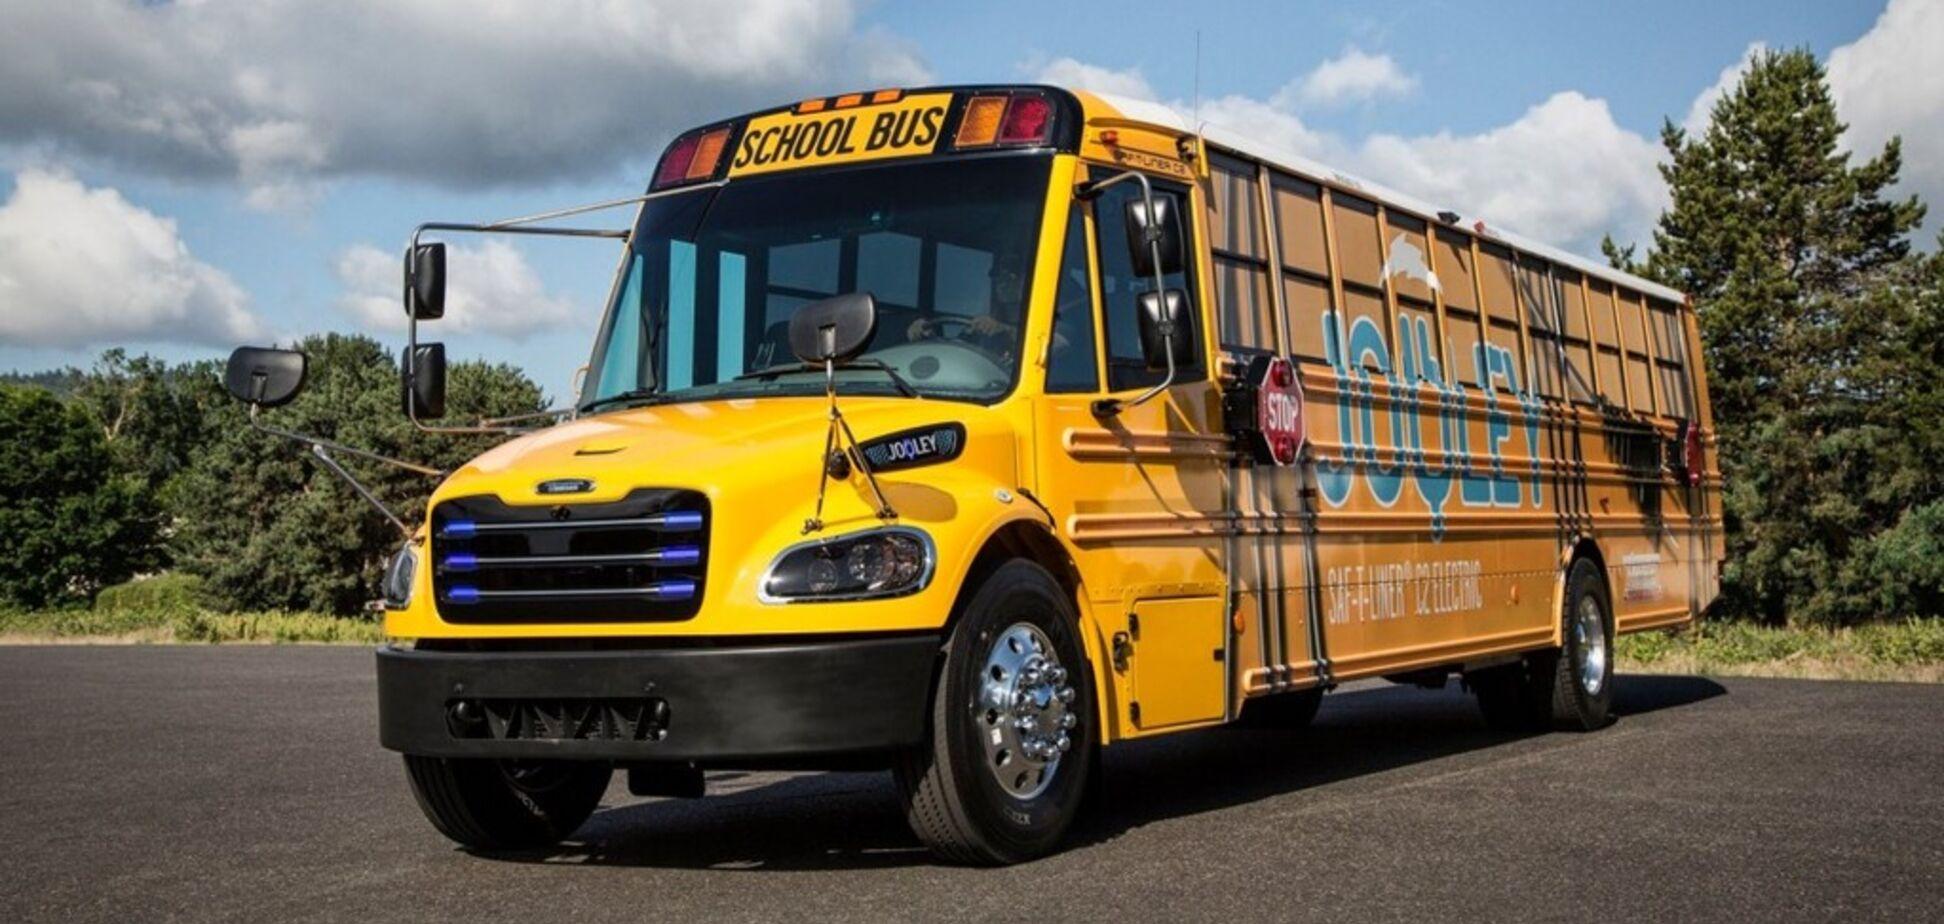 В США начали отказываться от бензиновых школьных автобусов